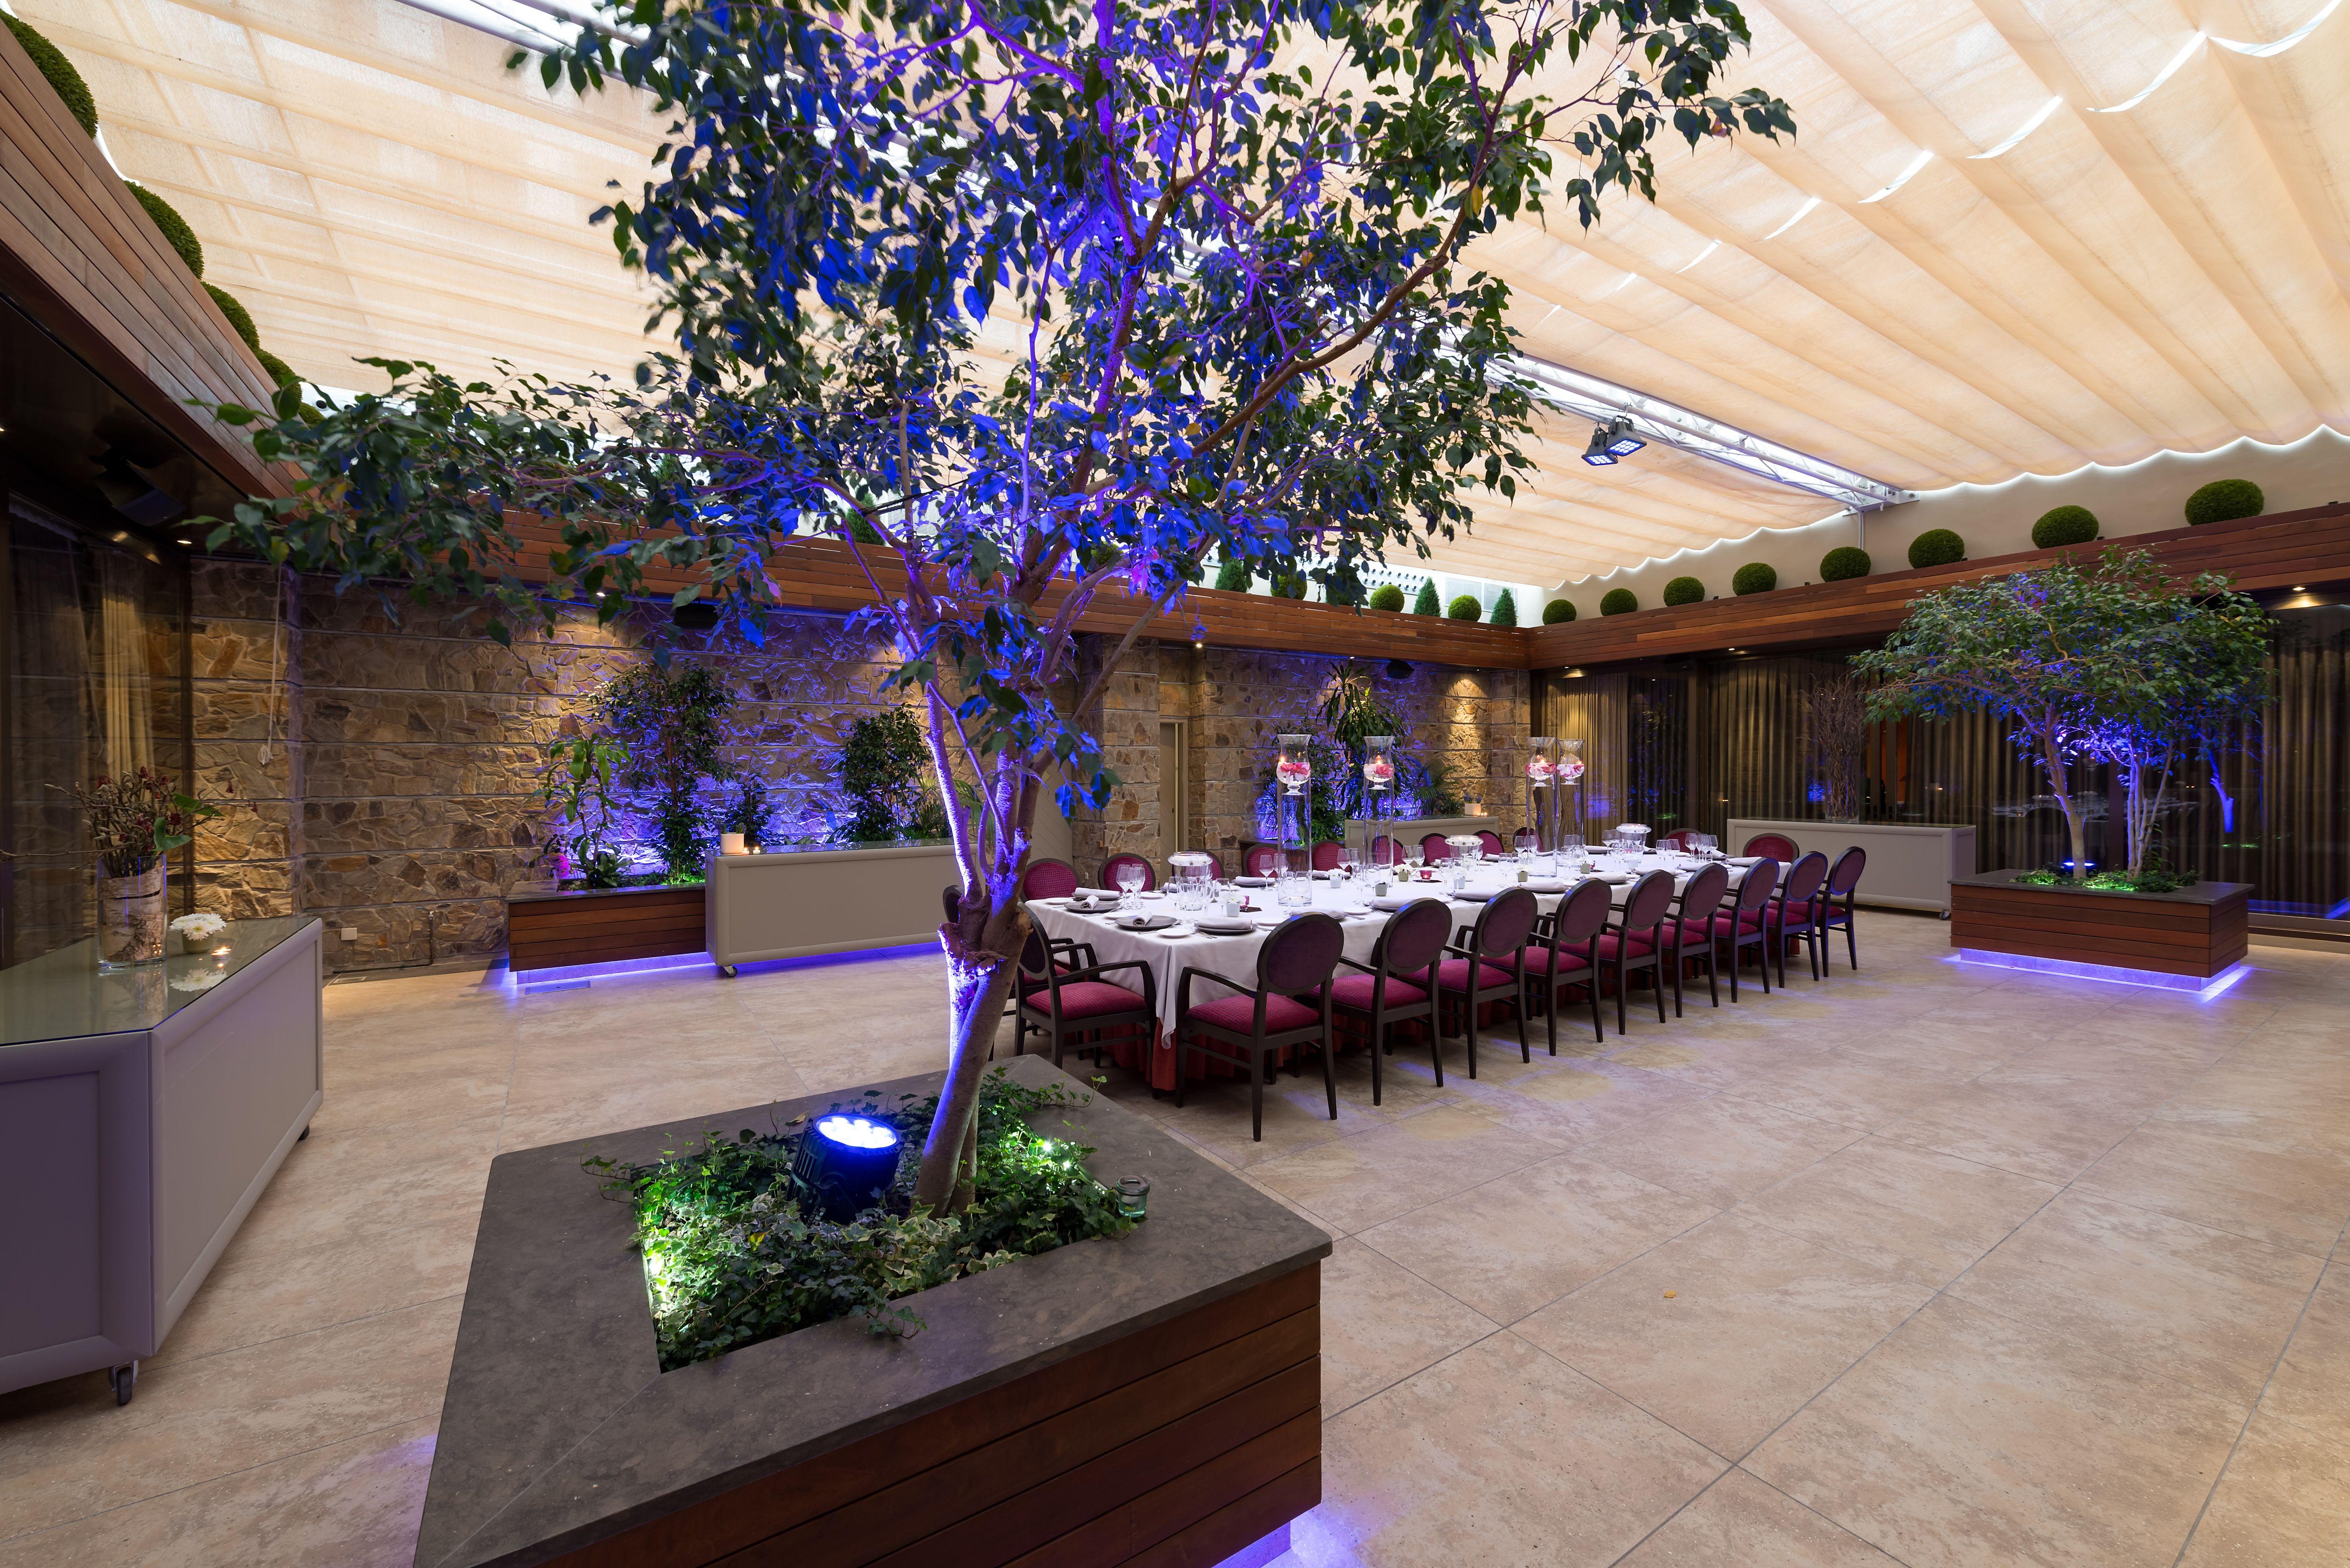 Hotel Crowne Plaza Barcelona Jardín montado para banquete en mesa ...